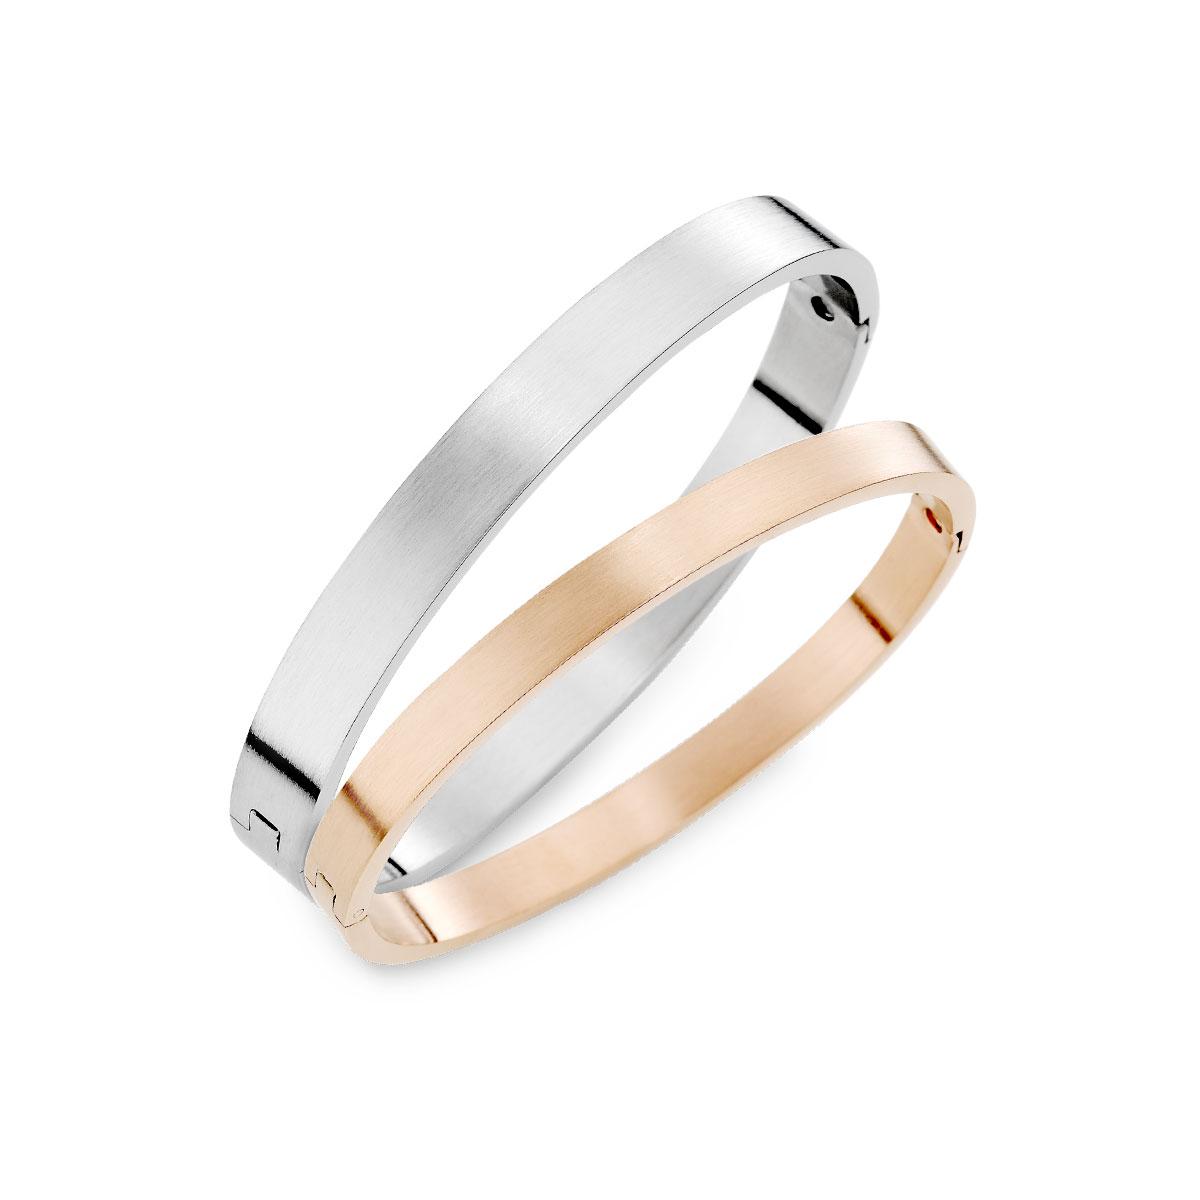 CIH177 堅定的愛西德鋼情侶手環